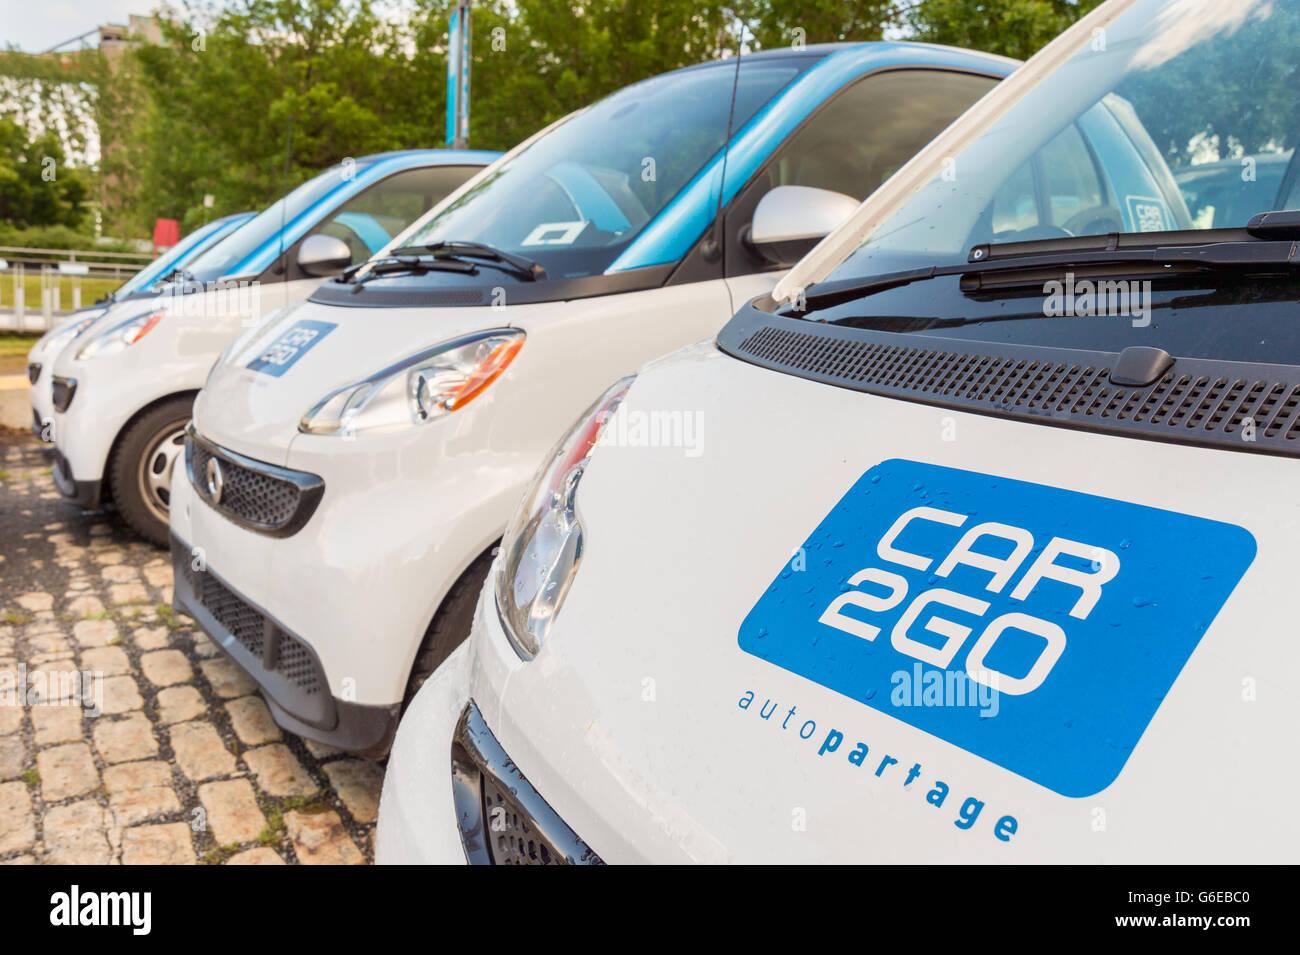 Car Rental Montreal >> C8 Alamy Com Comp G6ebc0 Car2go Rental Cars Parked